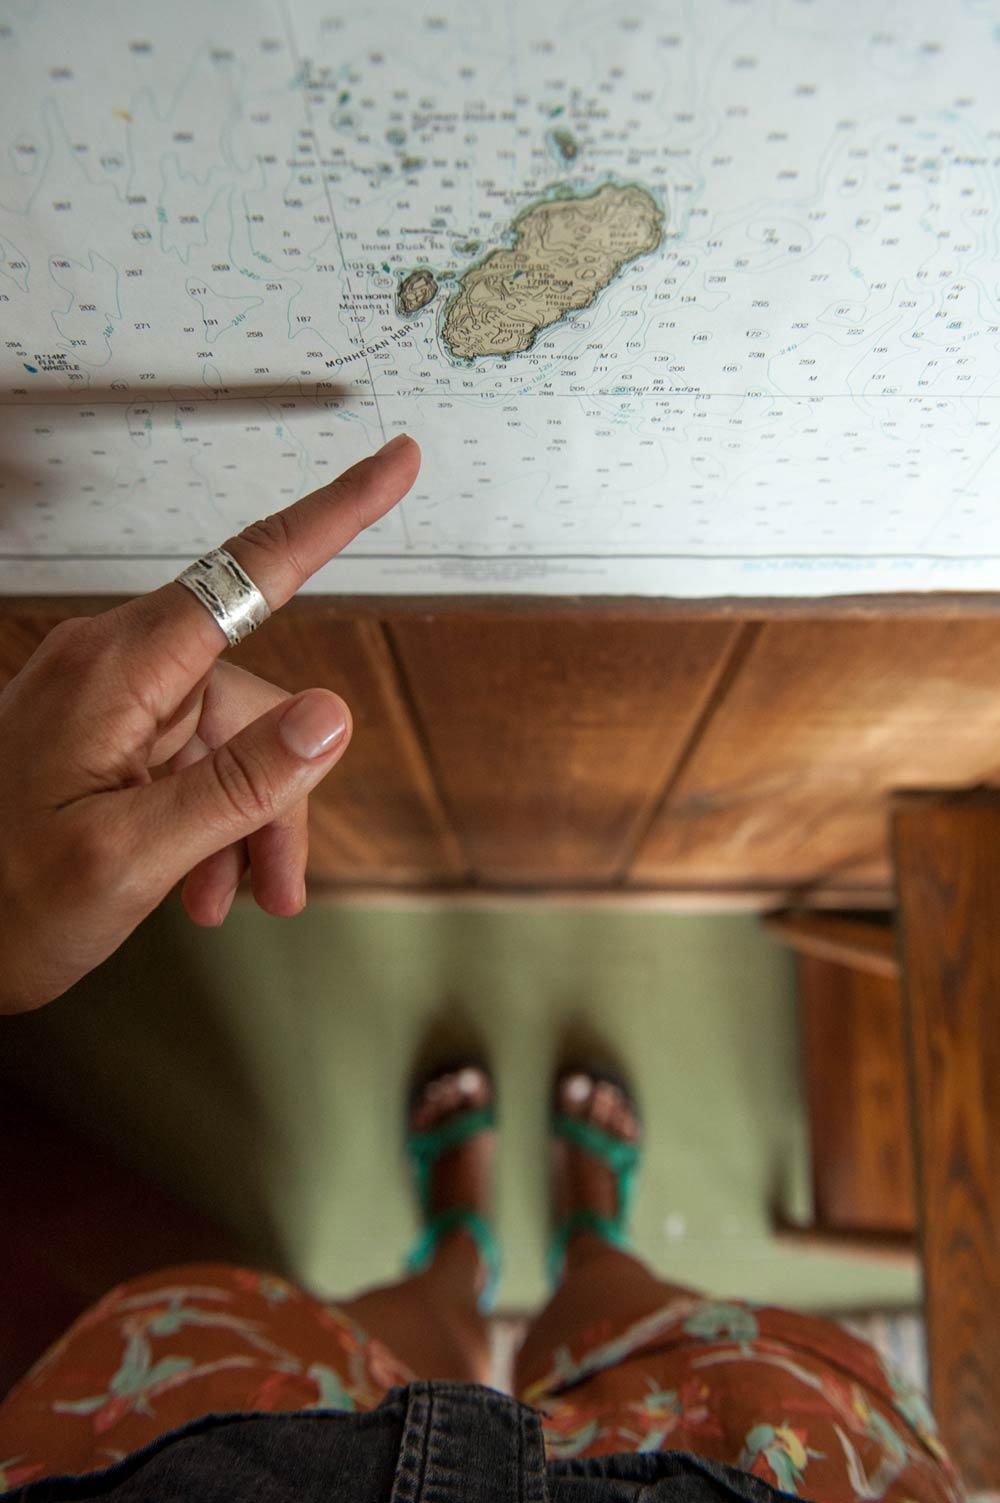 fingerpoint